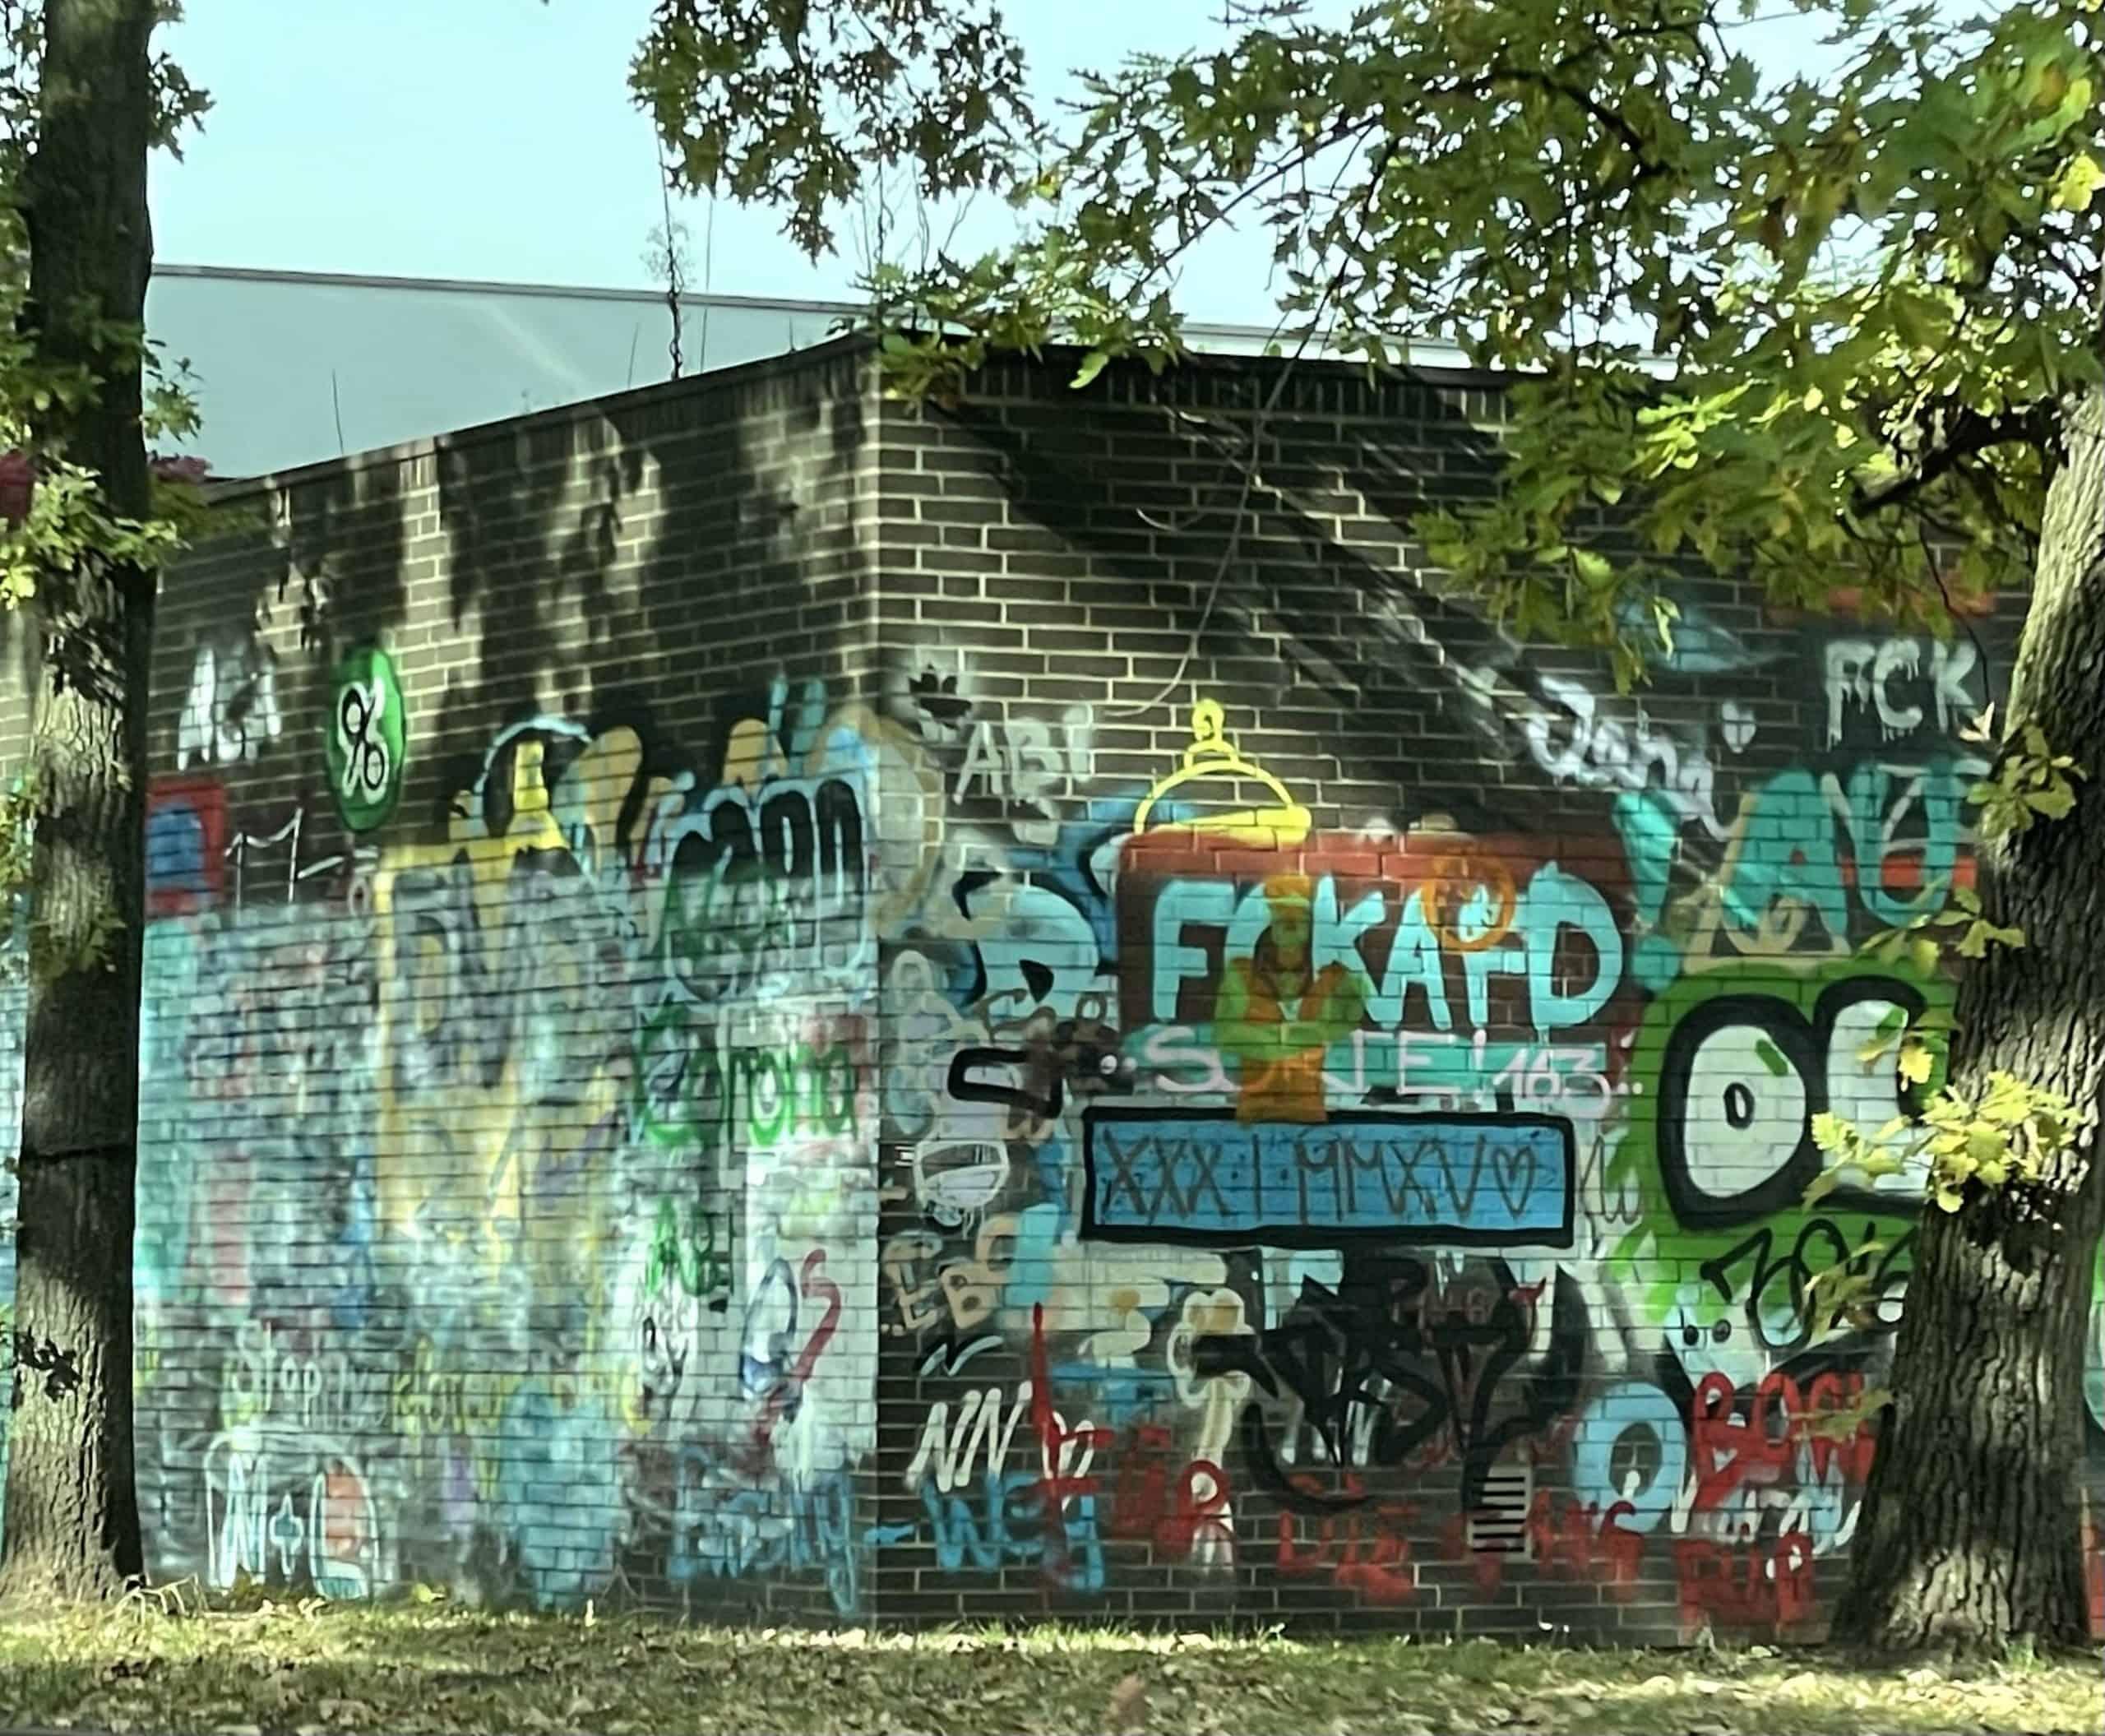 Graffiti-überzogenes Anlagengebäude